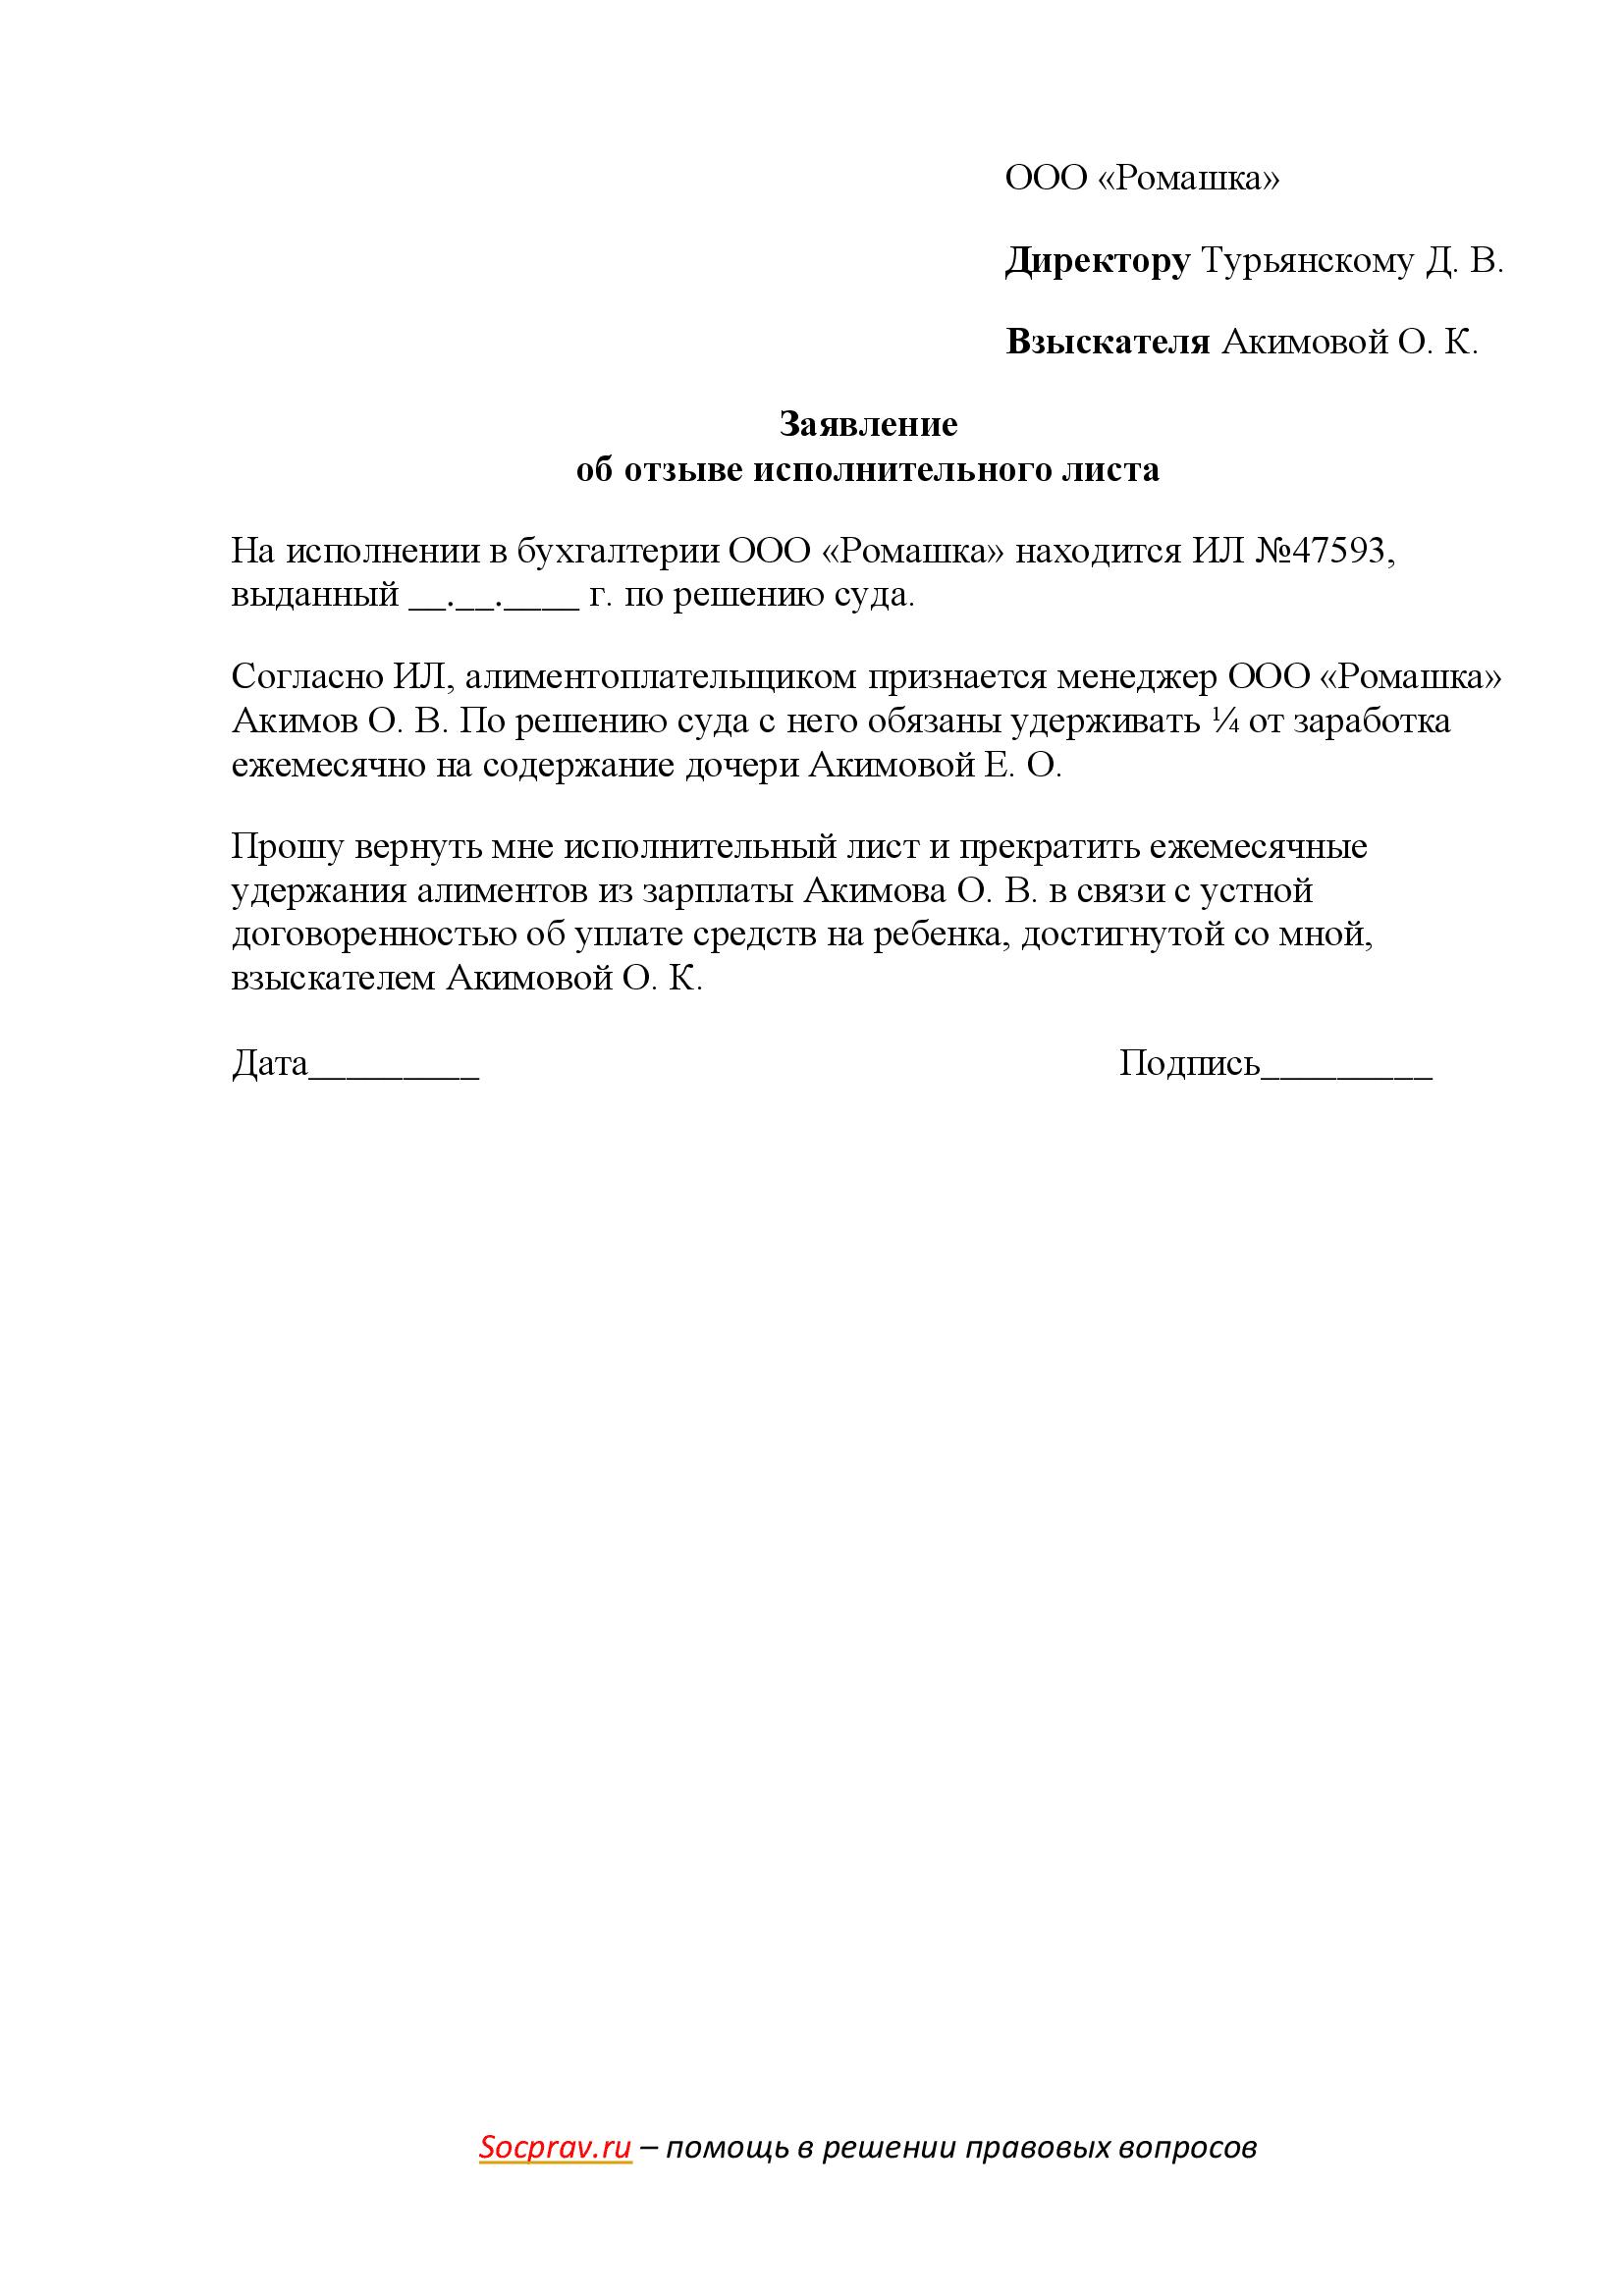 Заявление об отзыве исполнительного листа